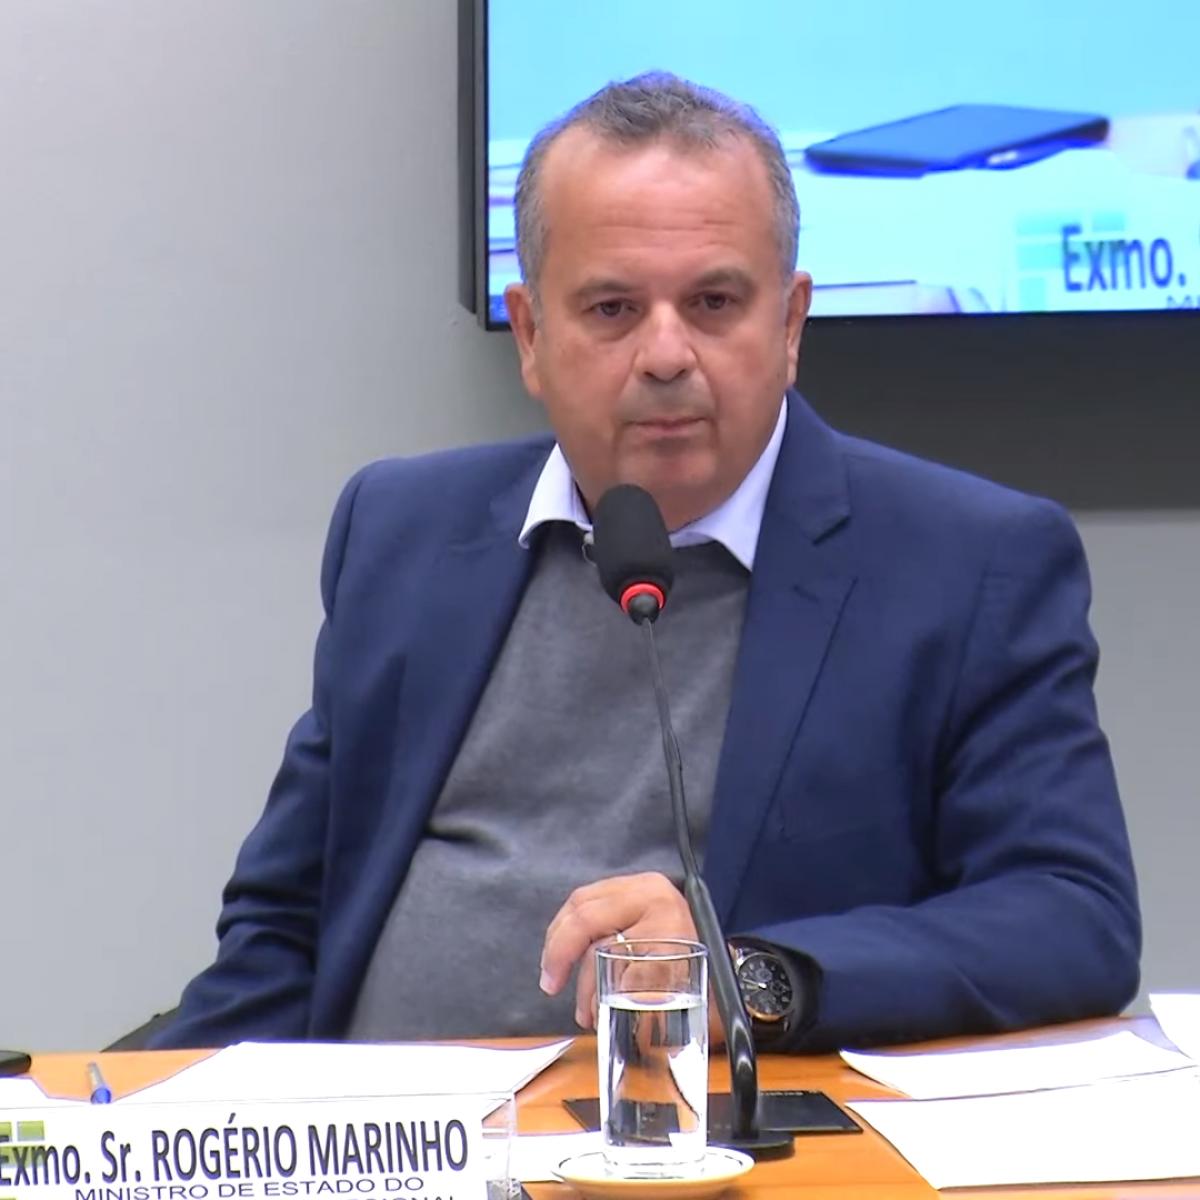 Rogério Marinho diz que reunião que teve filho 04 foi solicitada pelo  gabinete de Bolsonaro | O Antagonista